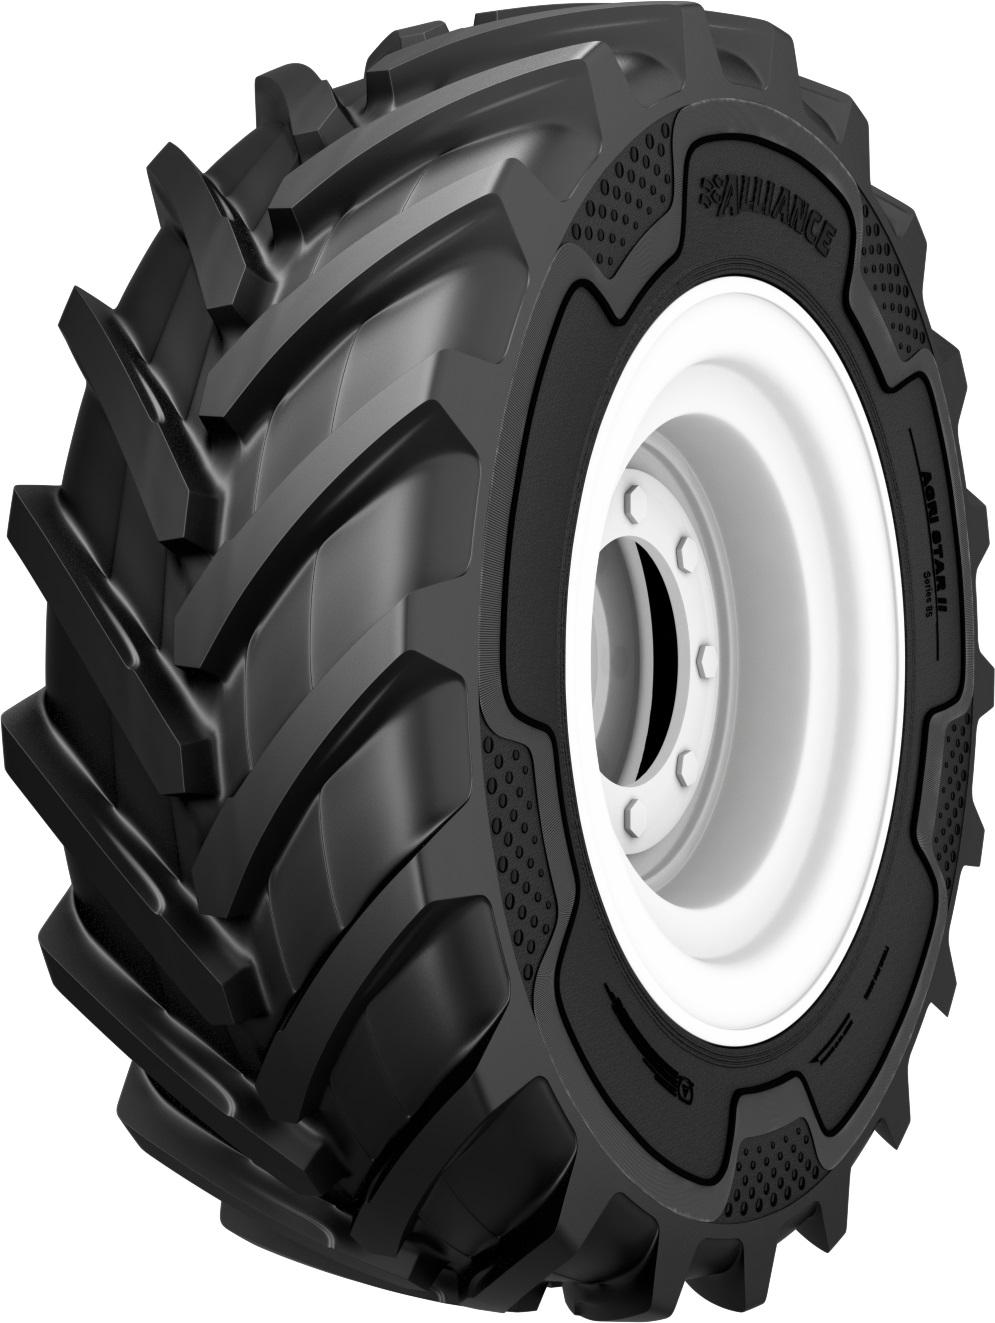 Alliance Introduces Agri Star II Radial Farm Tire Line